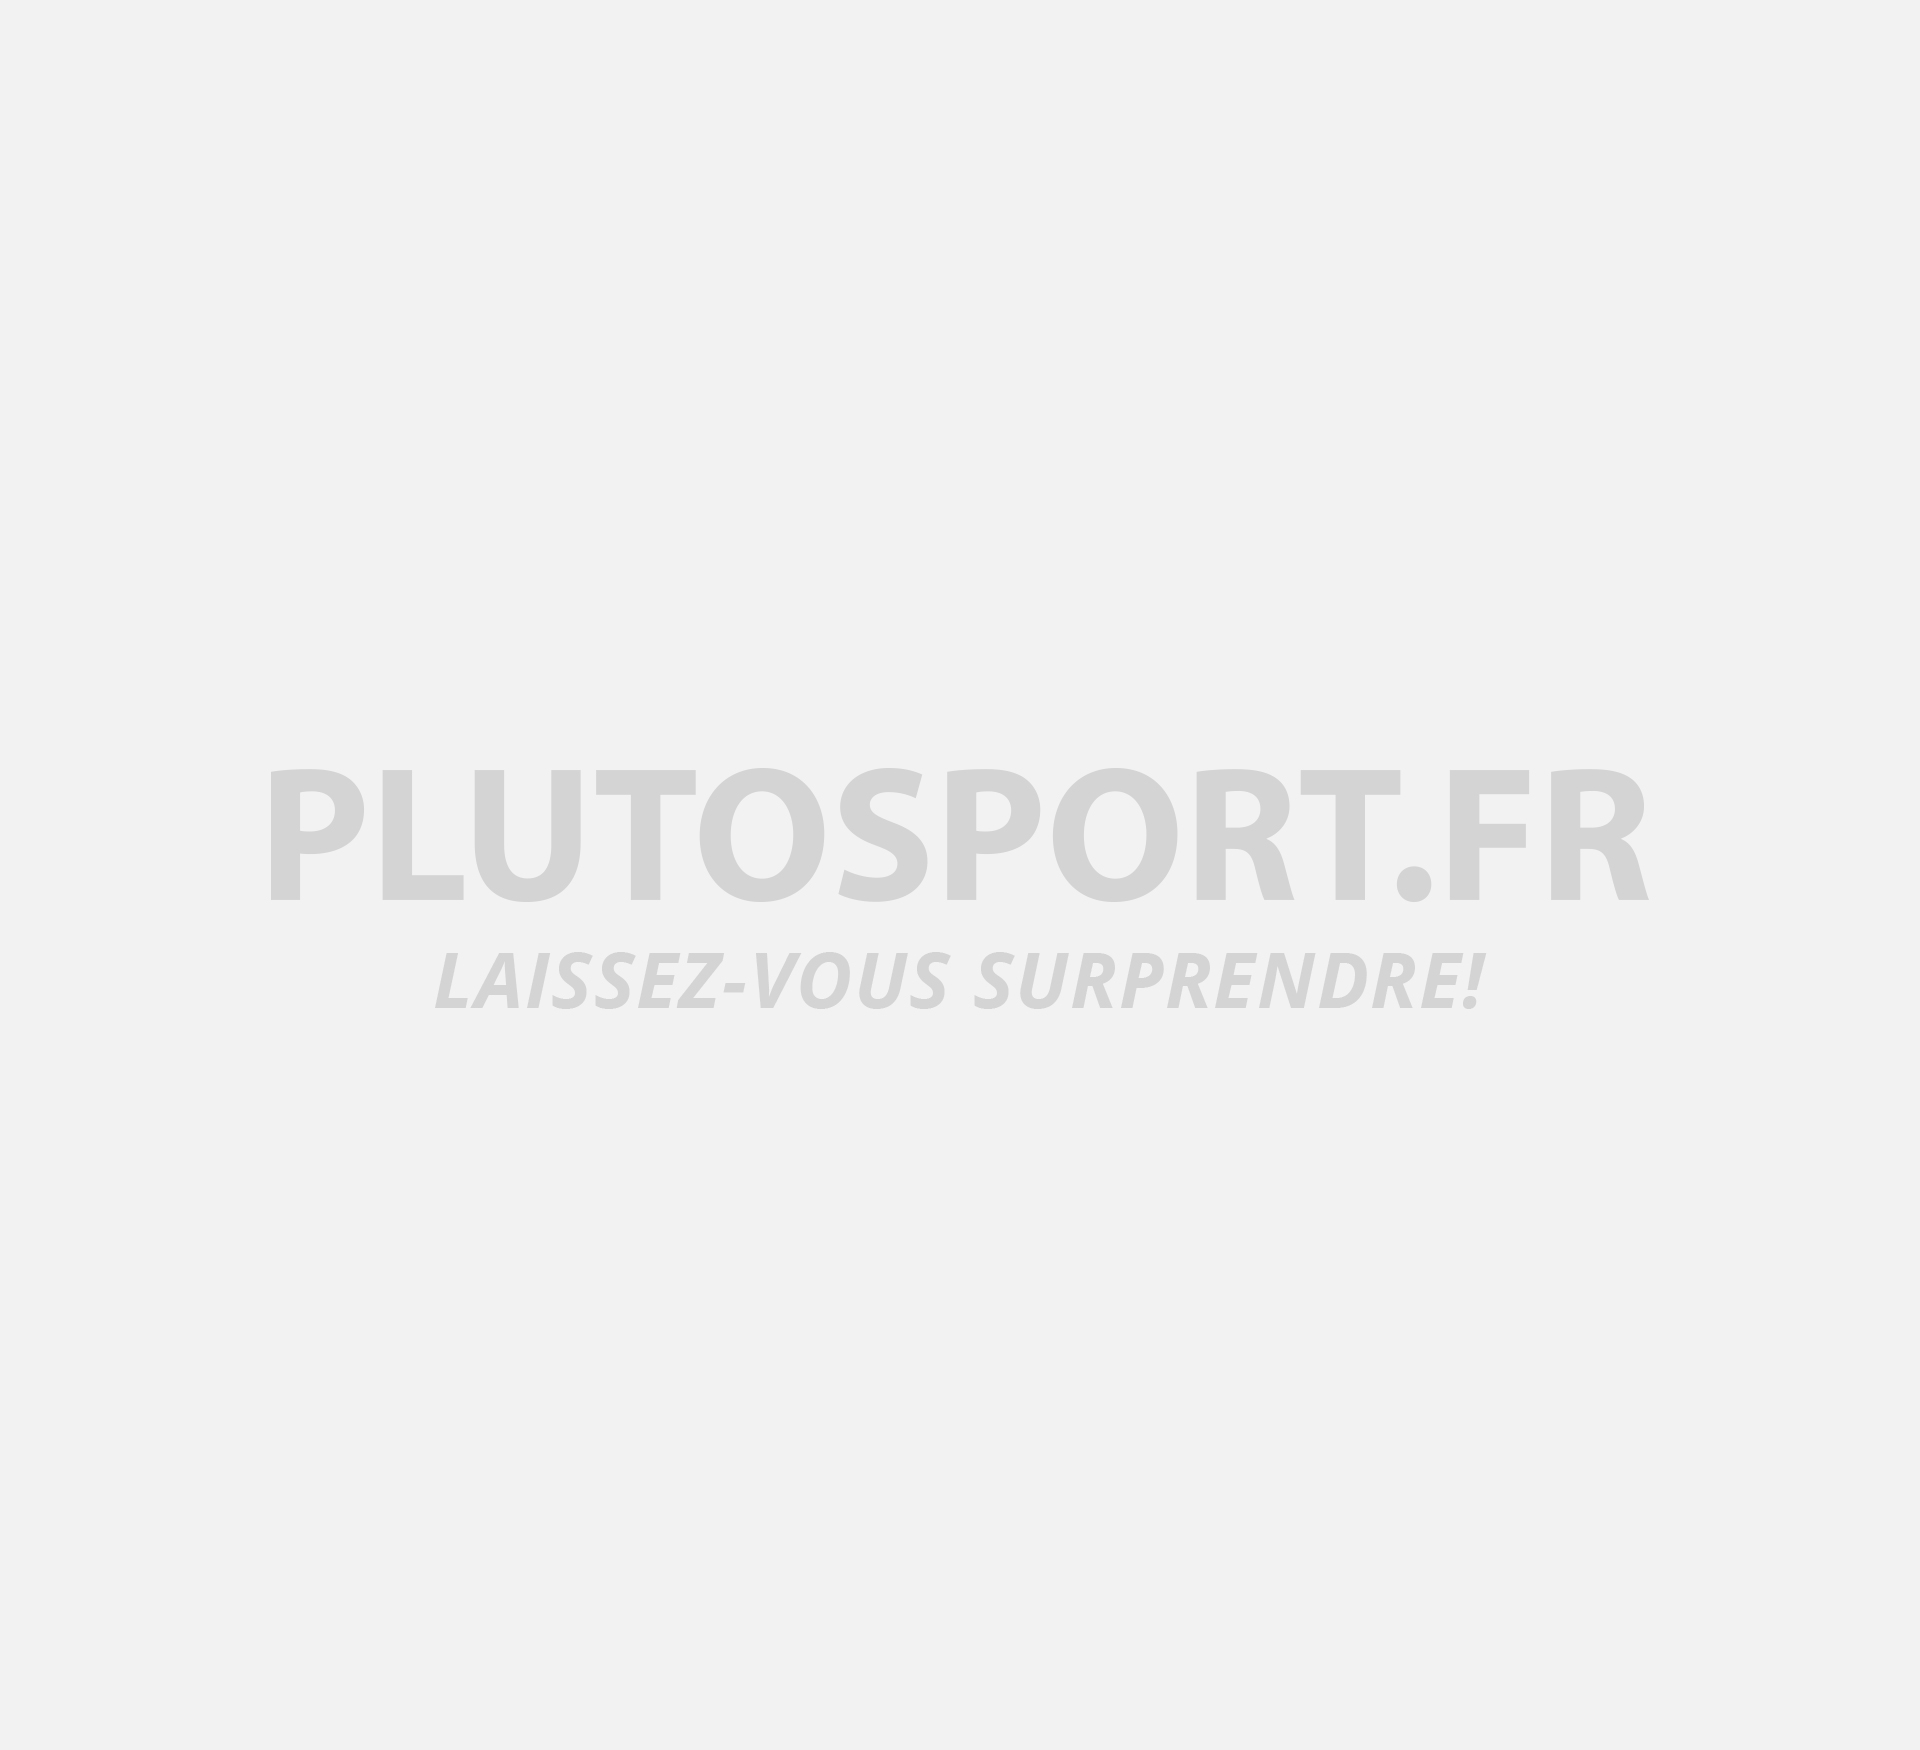 La jupe Sjeng Sports Lady Skort Winner Curl pour femmes